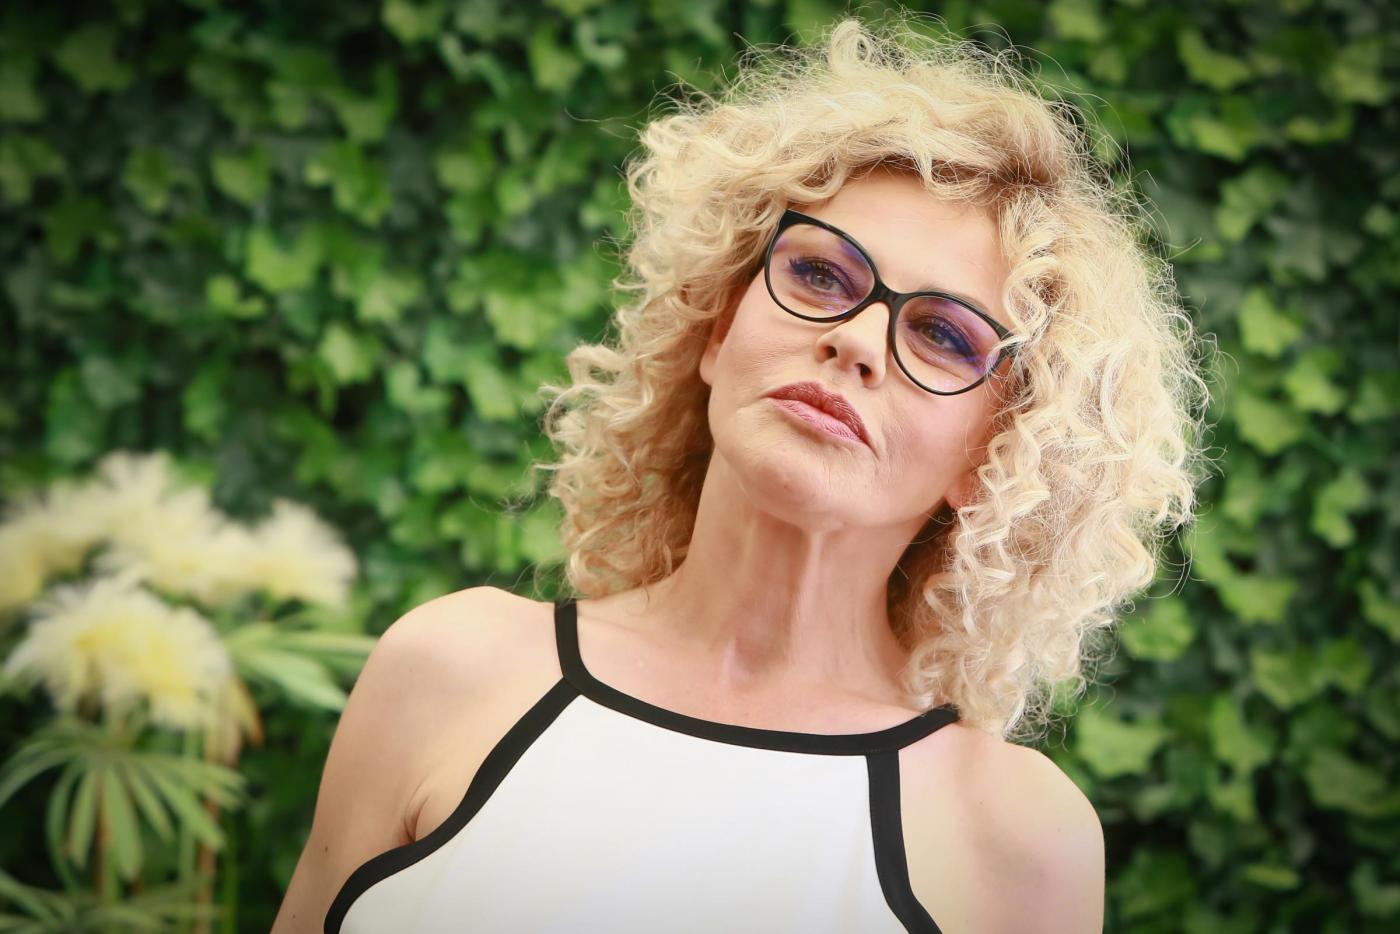 Eva Grimaldi, morta la mamma: il commovente messaggio dell'attrice su Facebook